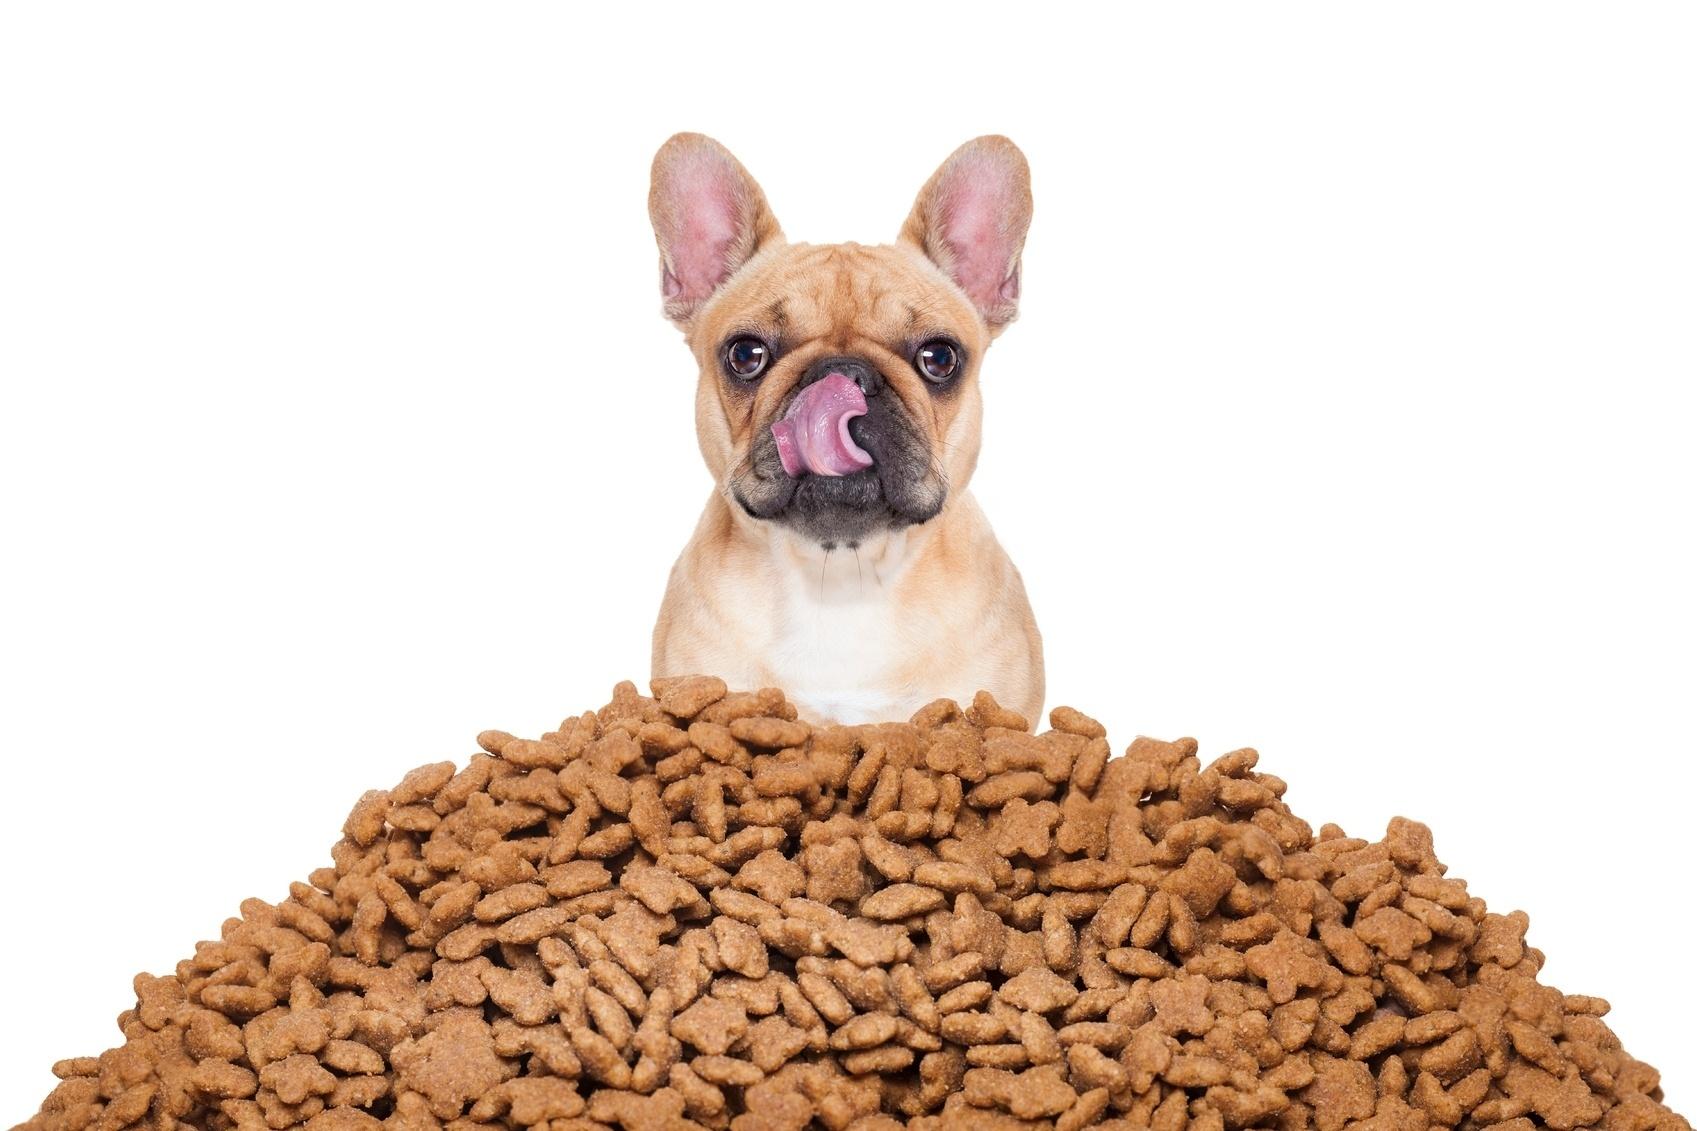 Seu cão come muito ou rápido demais? Saiba como ajudá-lo - 10/05/2017 - UOL  Universa